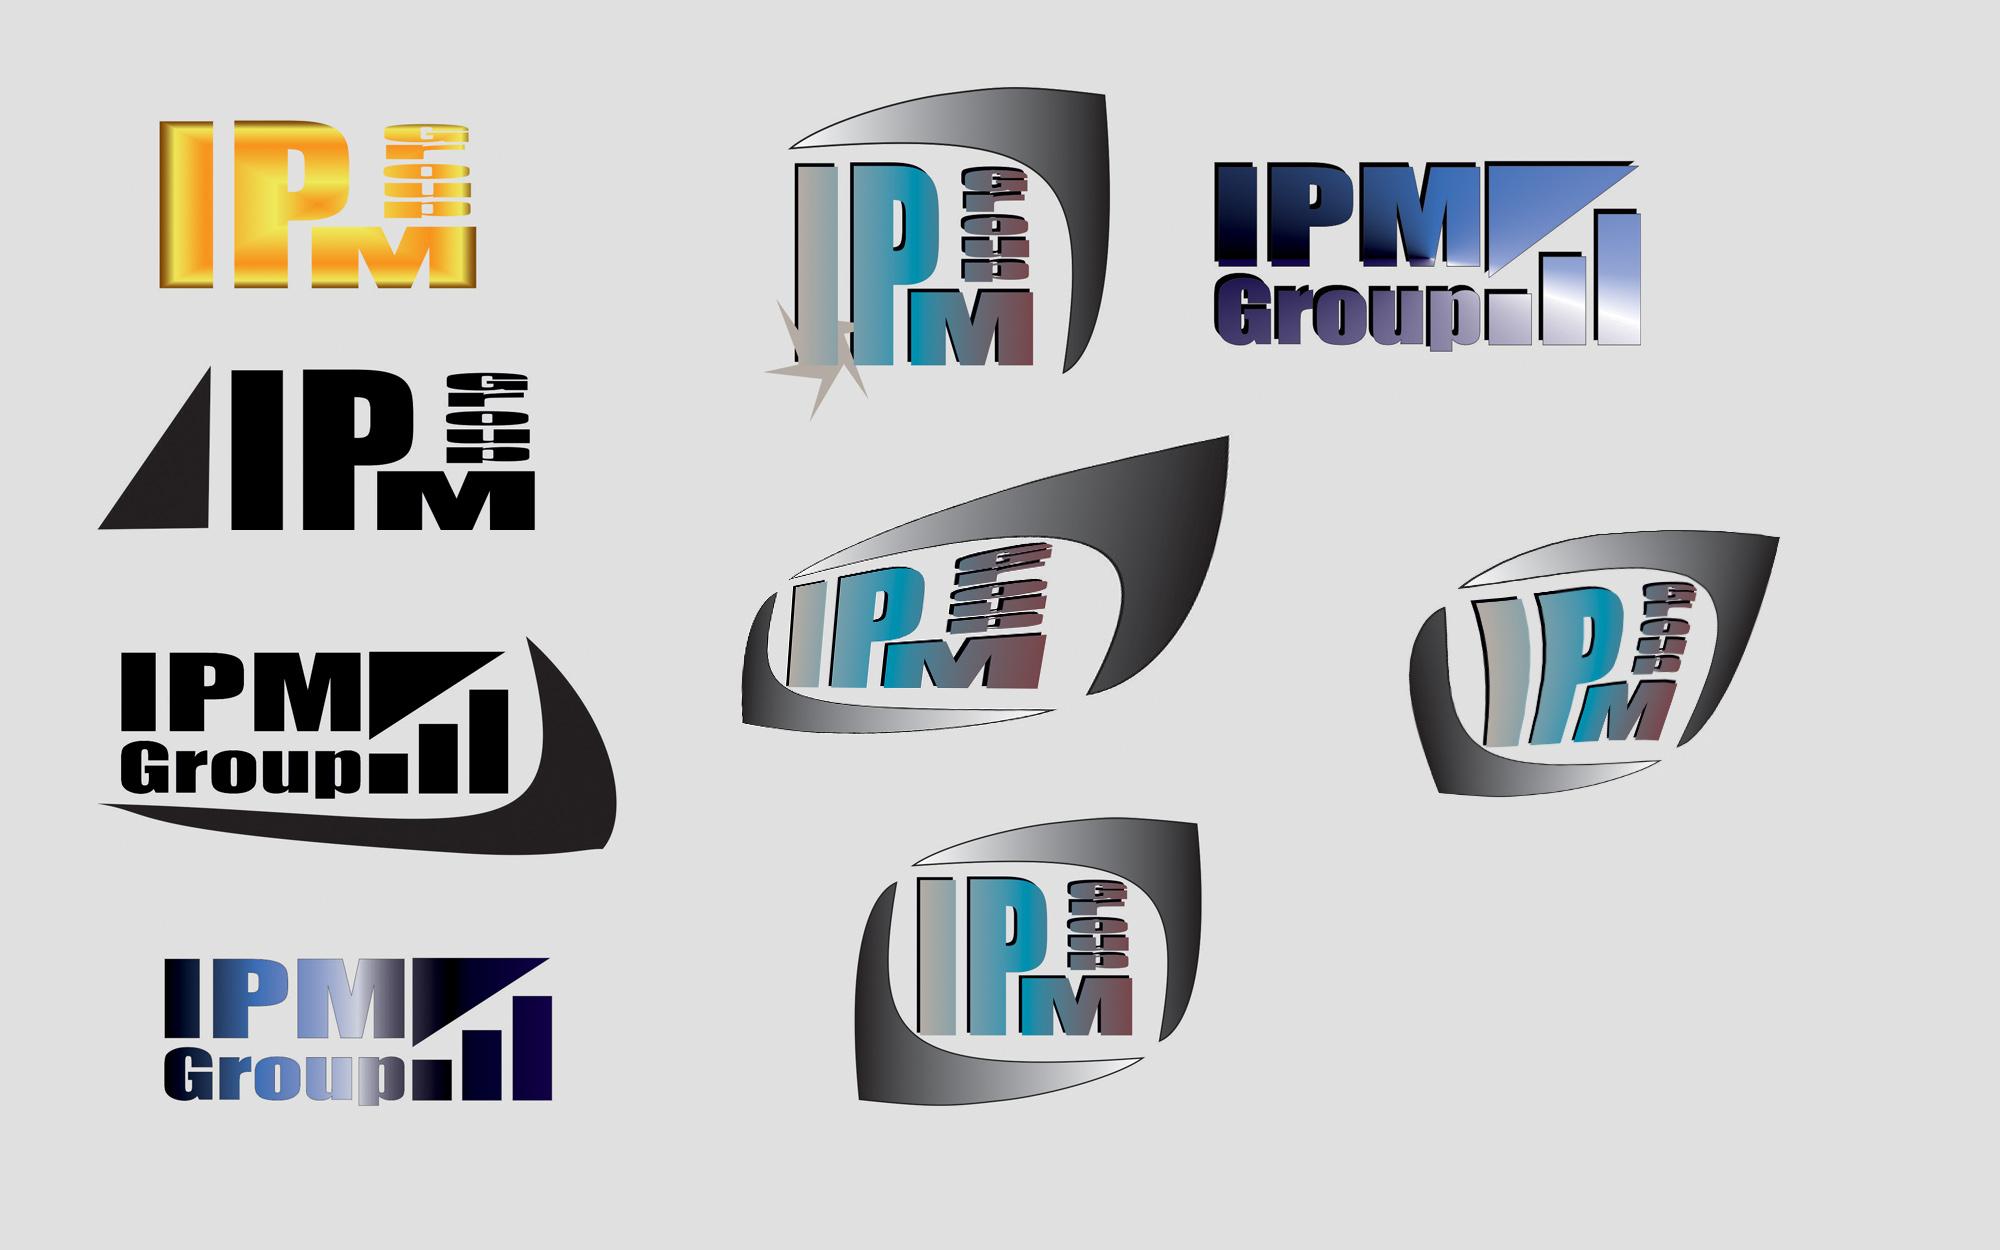 Разработка логотипа для управляющей компании фото f_1625f83710585abb.jpg